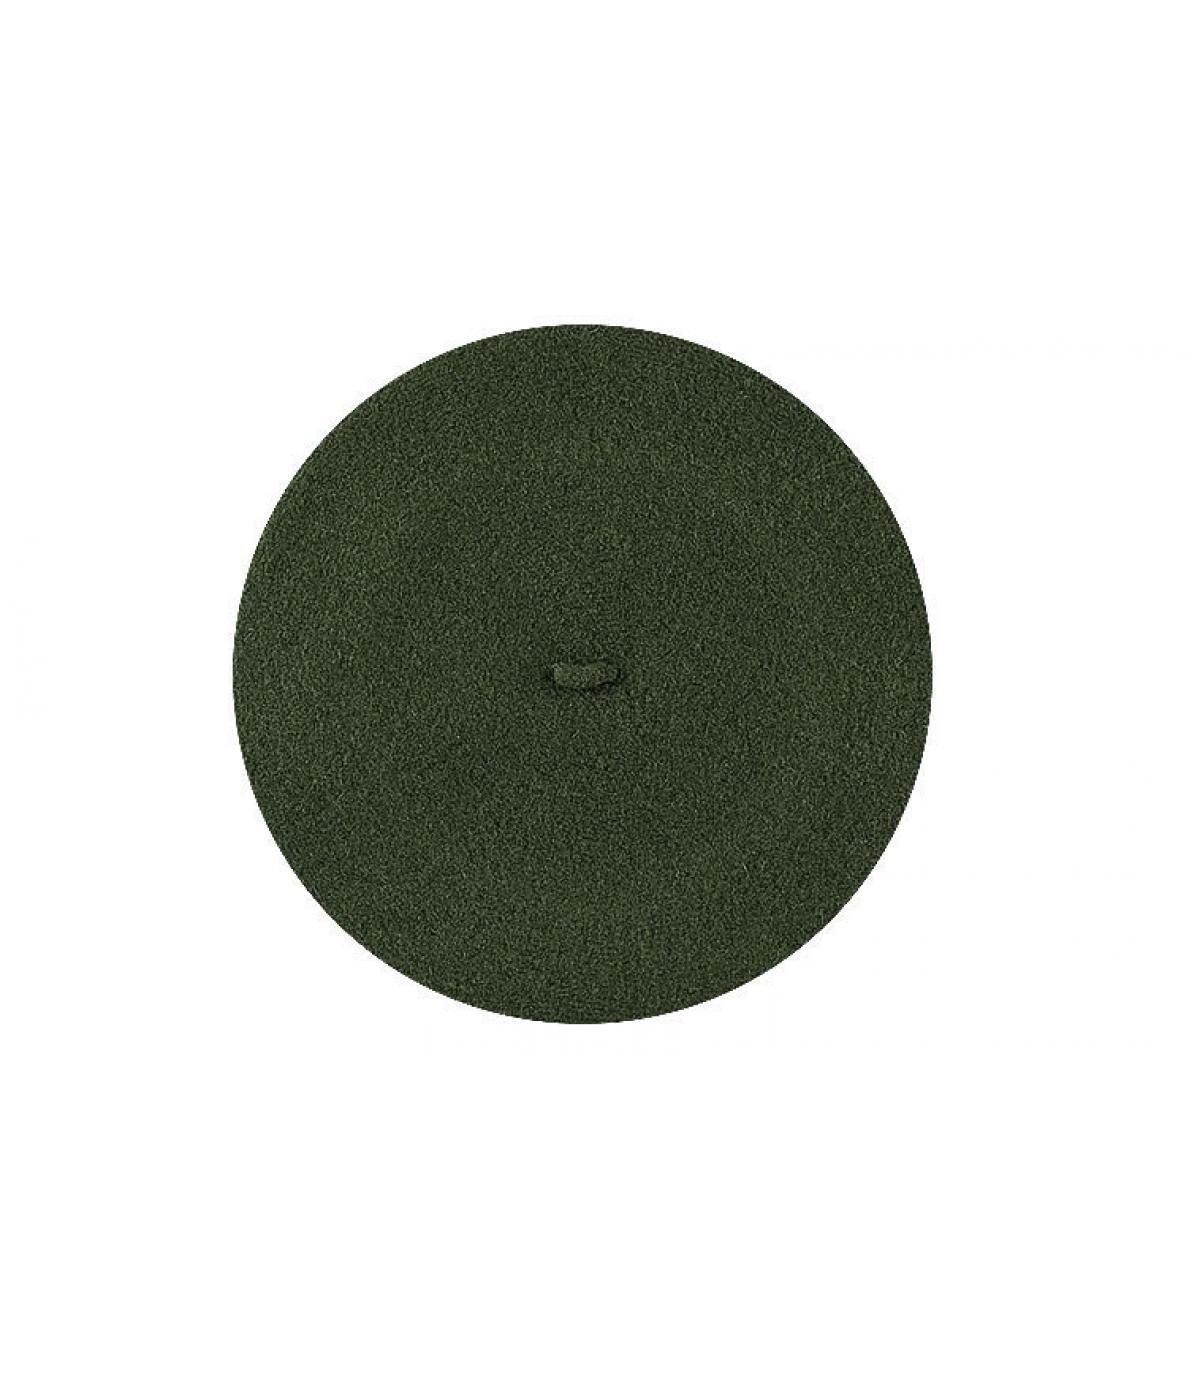 Wool beret- Online wool berets shop af009efe3b08